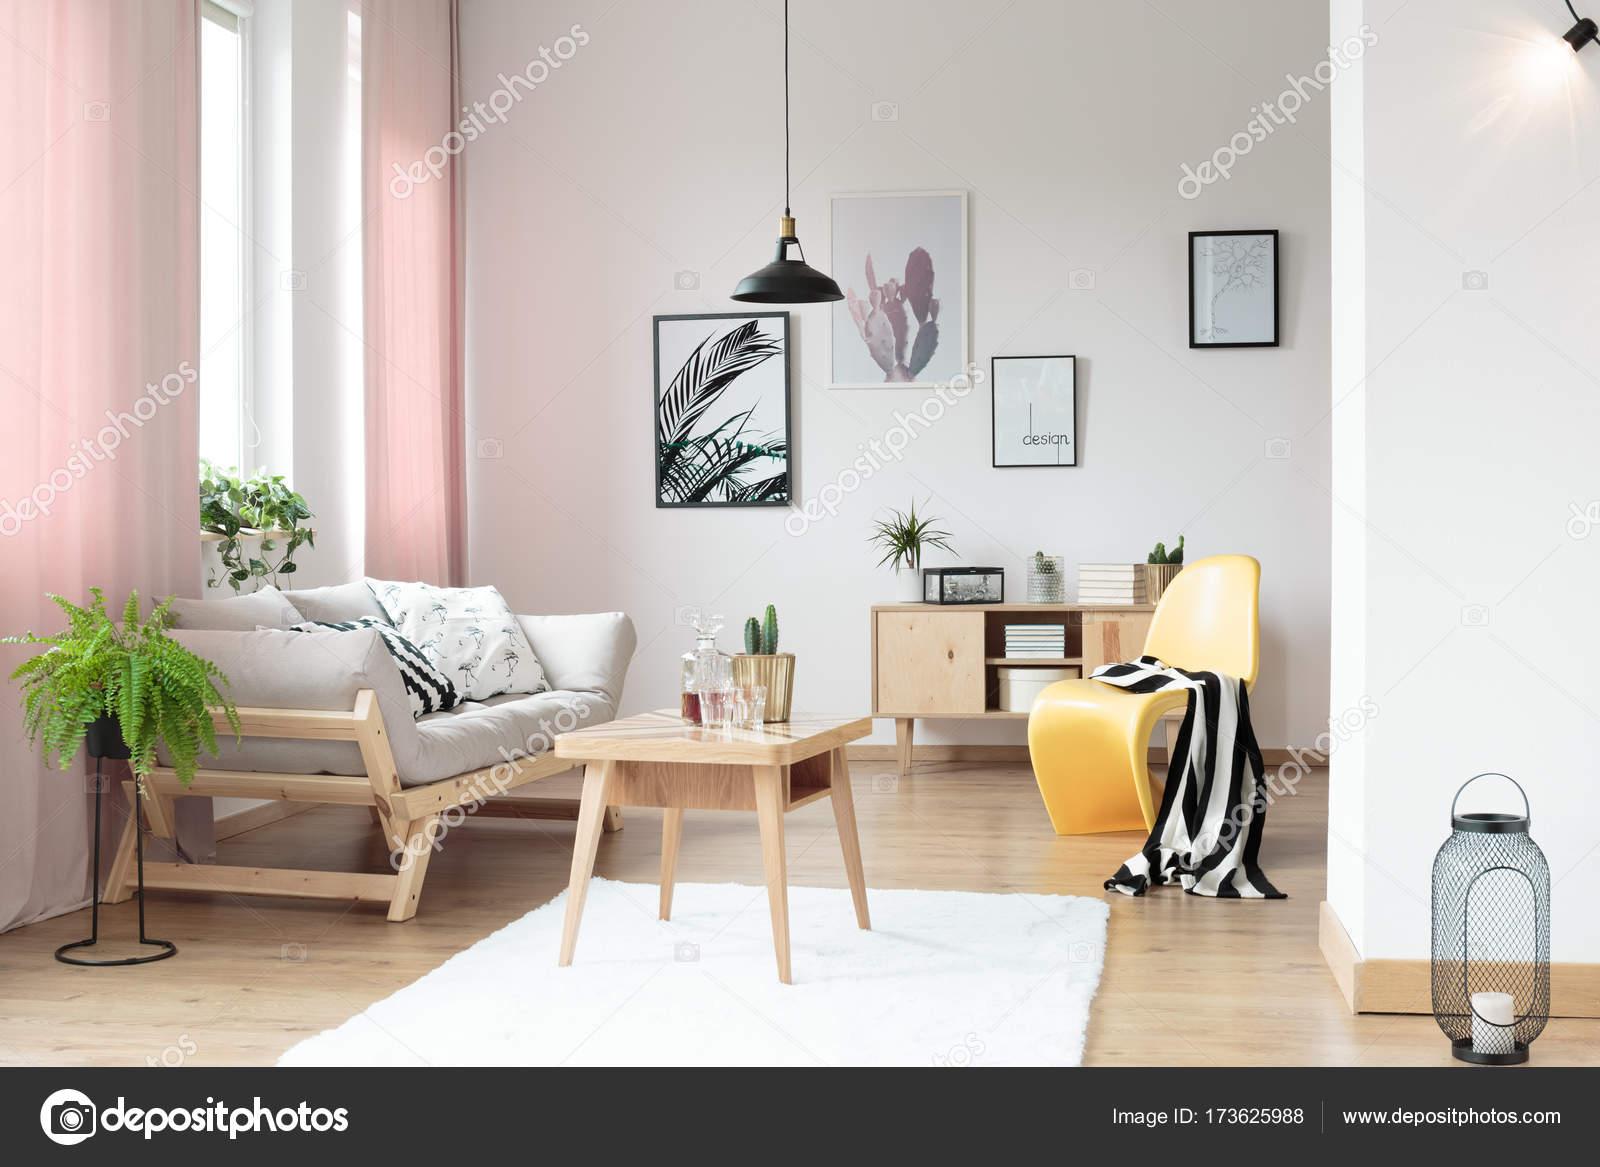 Pastellfarbene Vorhange Im Wohnzimmer Stockfoto C Photographee Eu